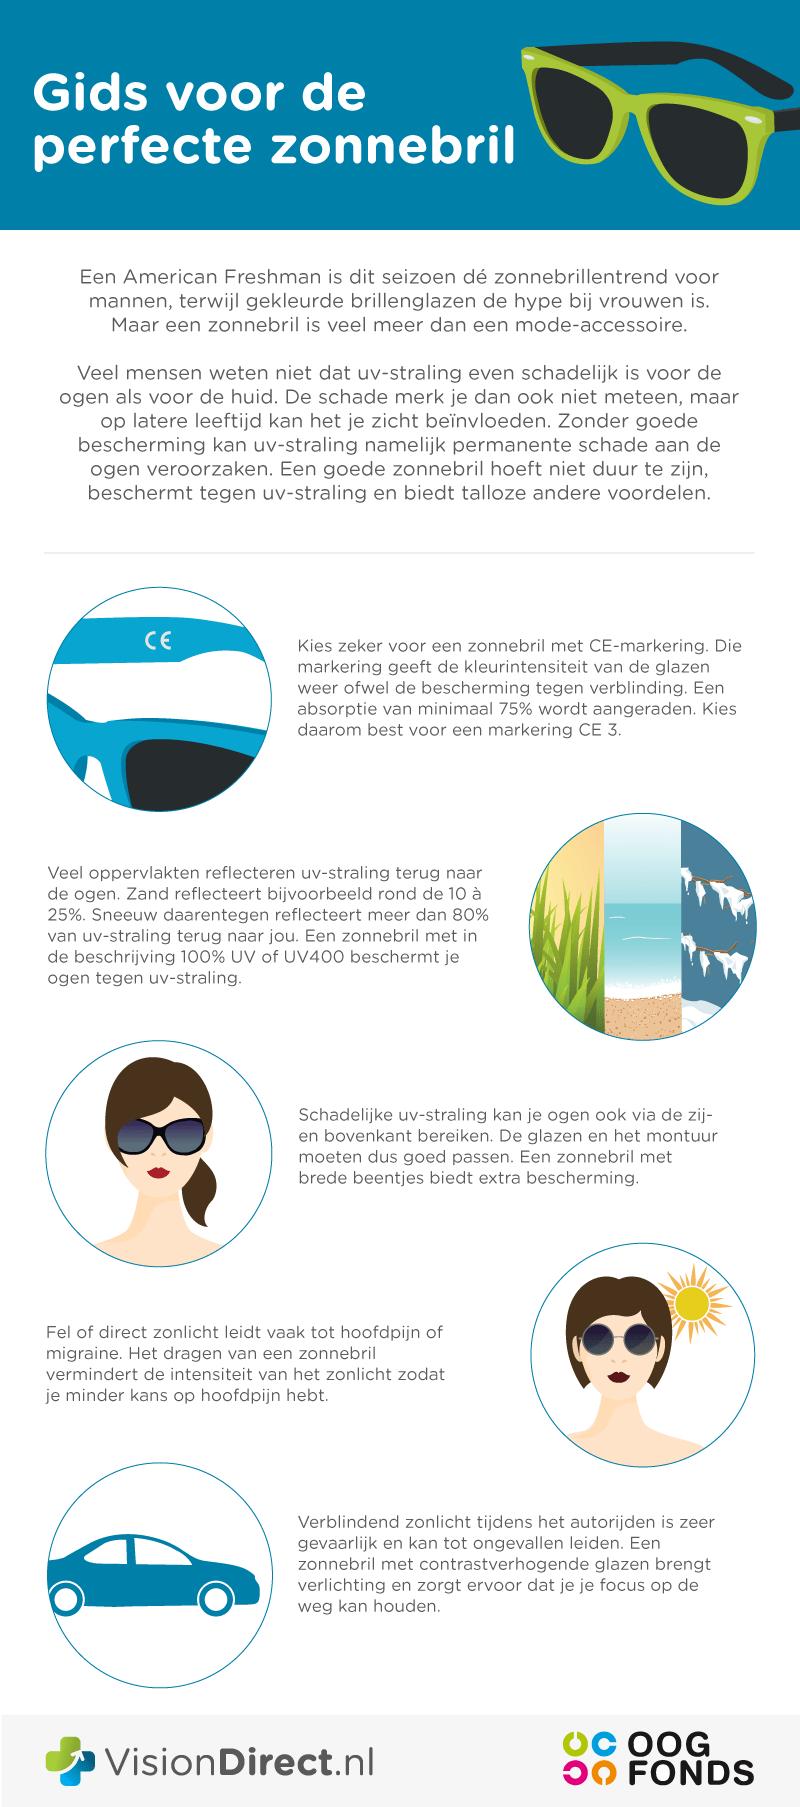 Gids voor de perfect zonnebril